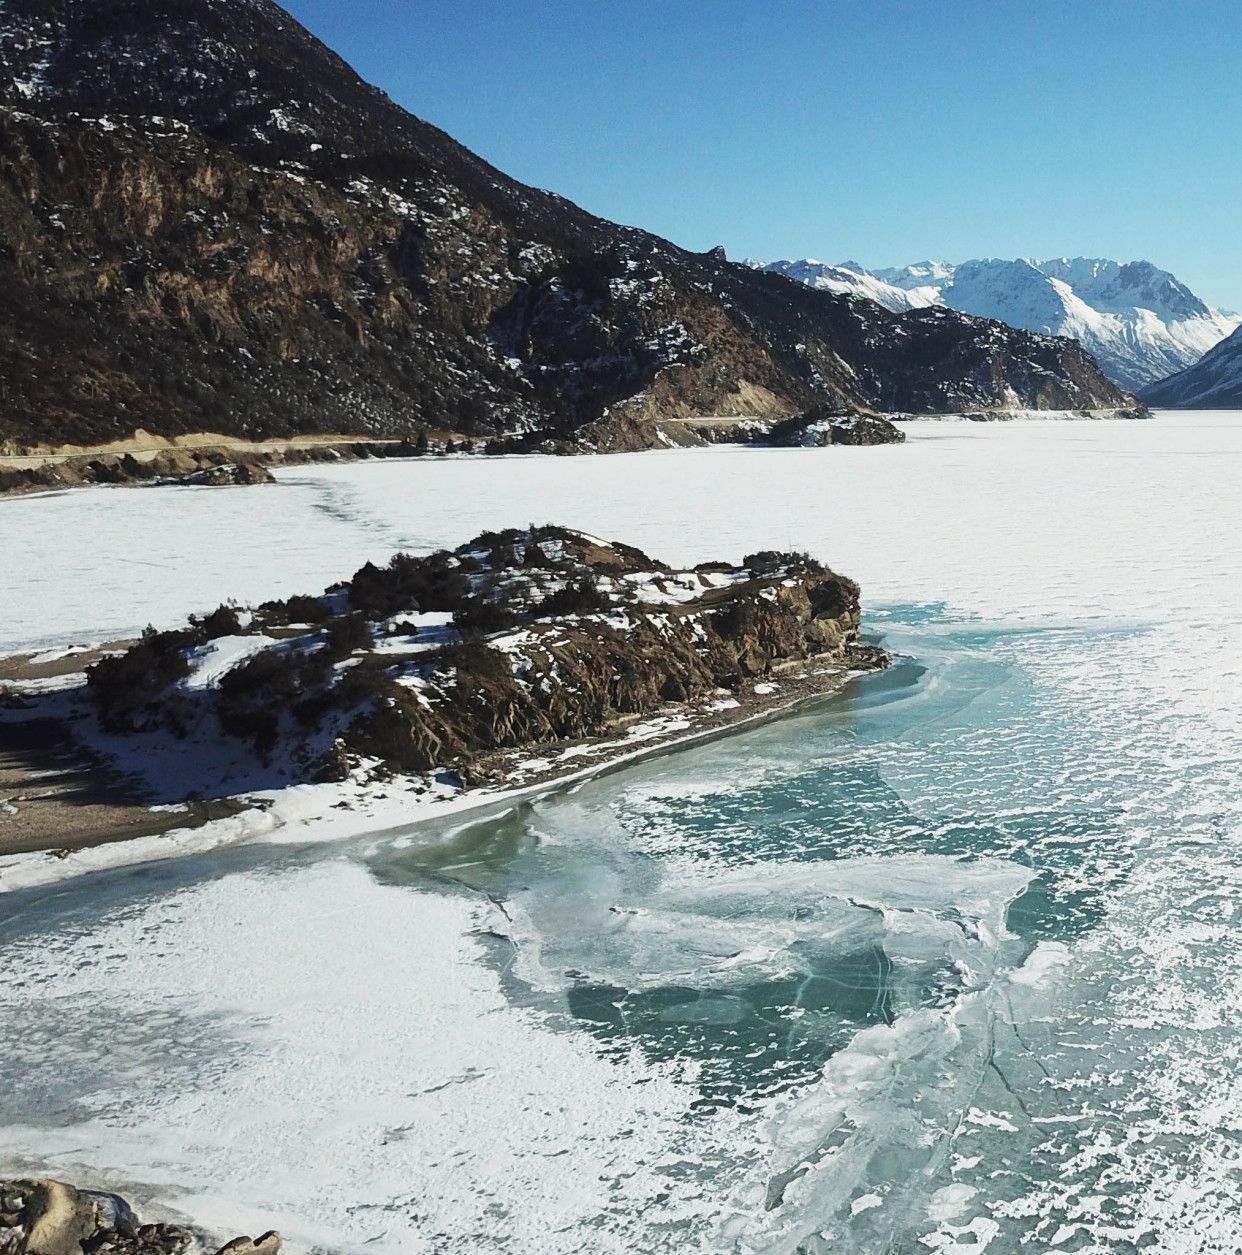 西藏线,穿越昌都直抵拉萨,然乌湖天然来古冰川天然探险,冰裂了